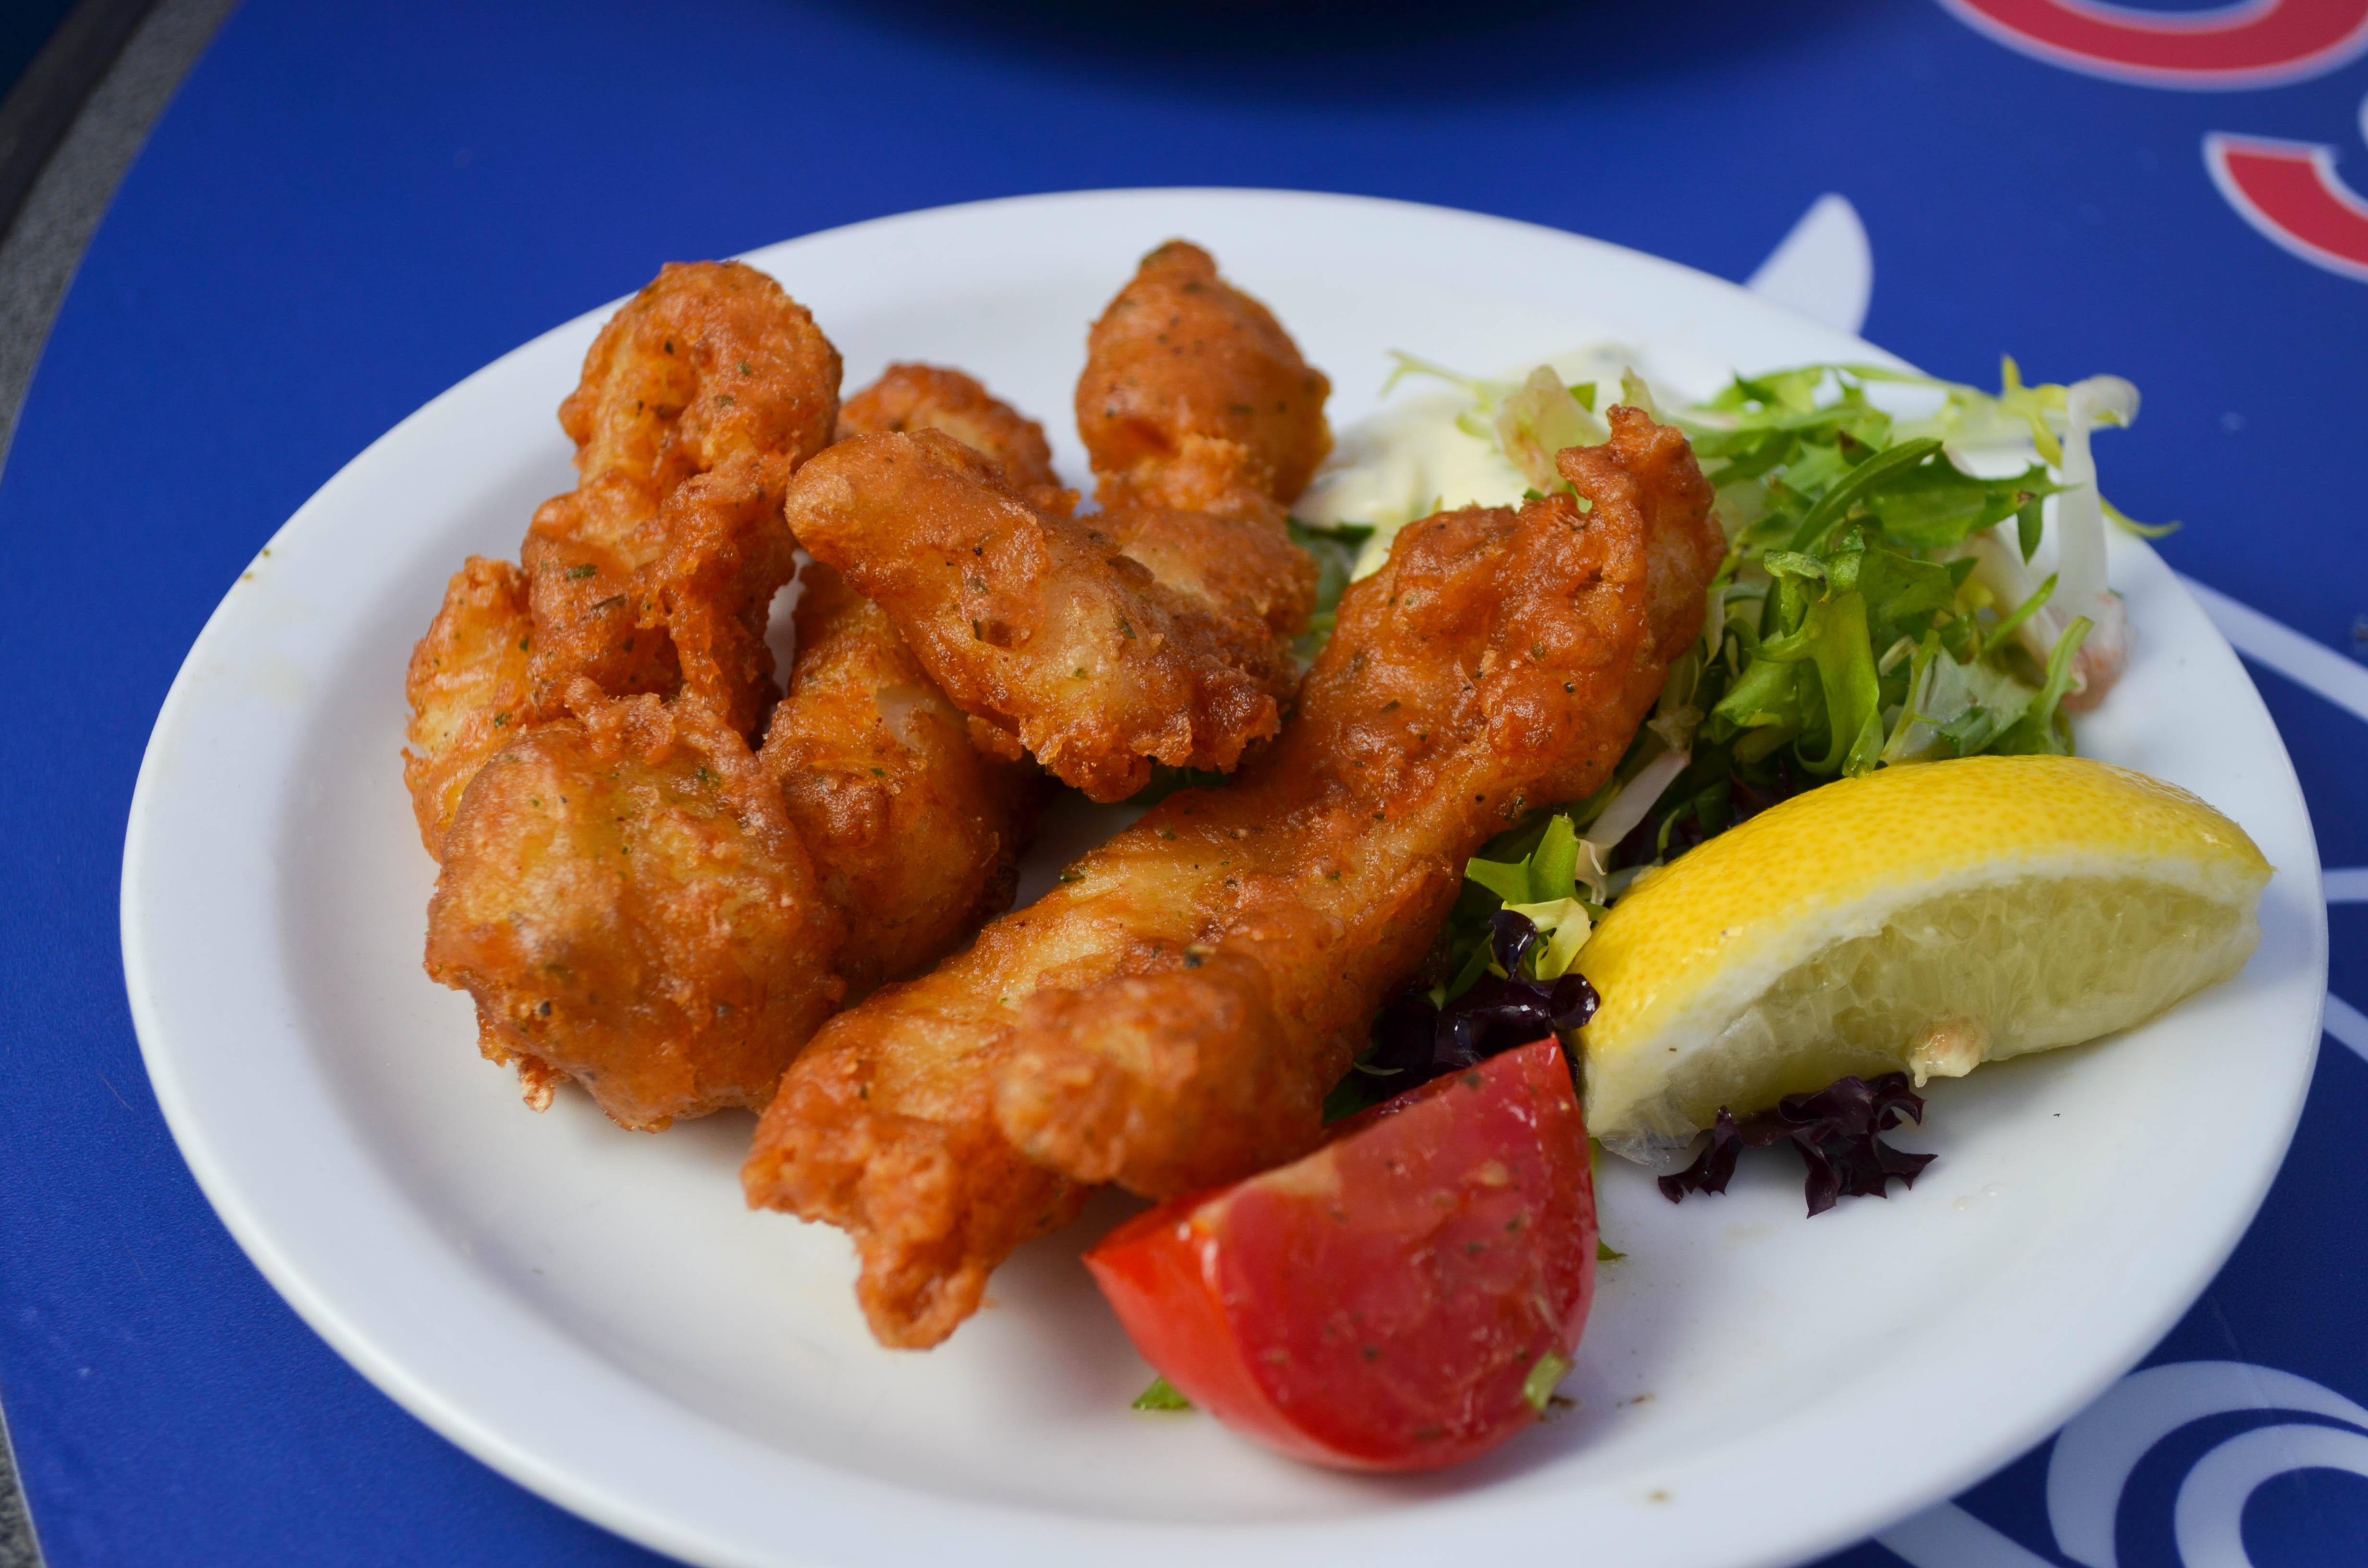 Fish from De Noordzee